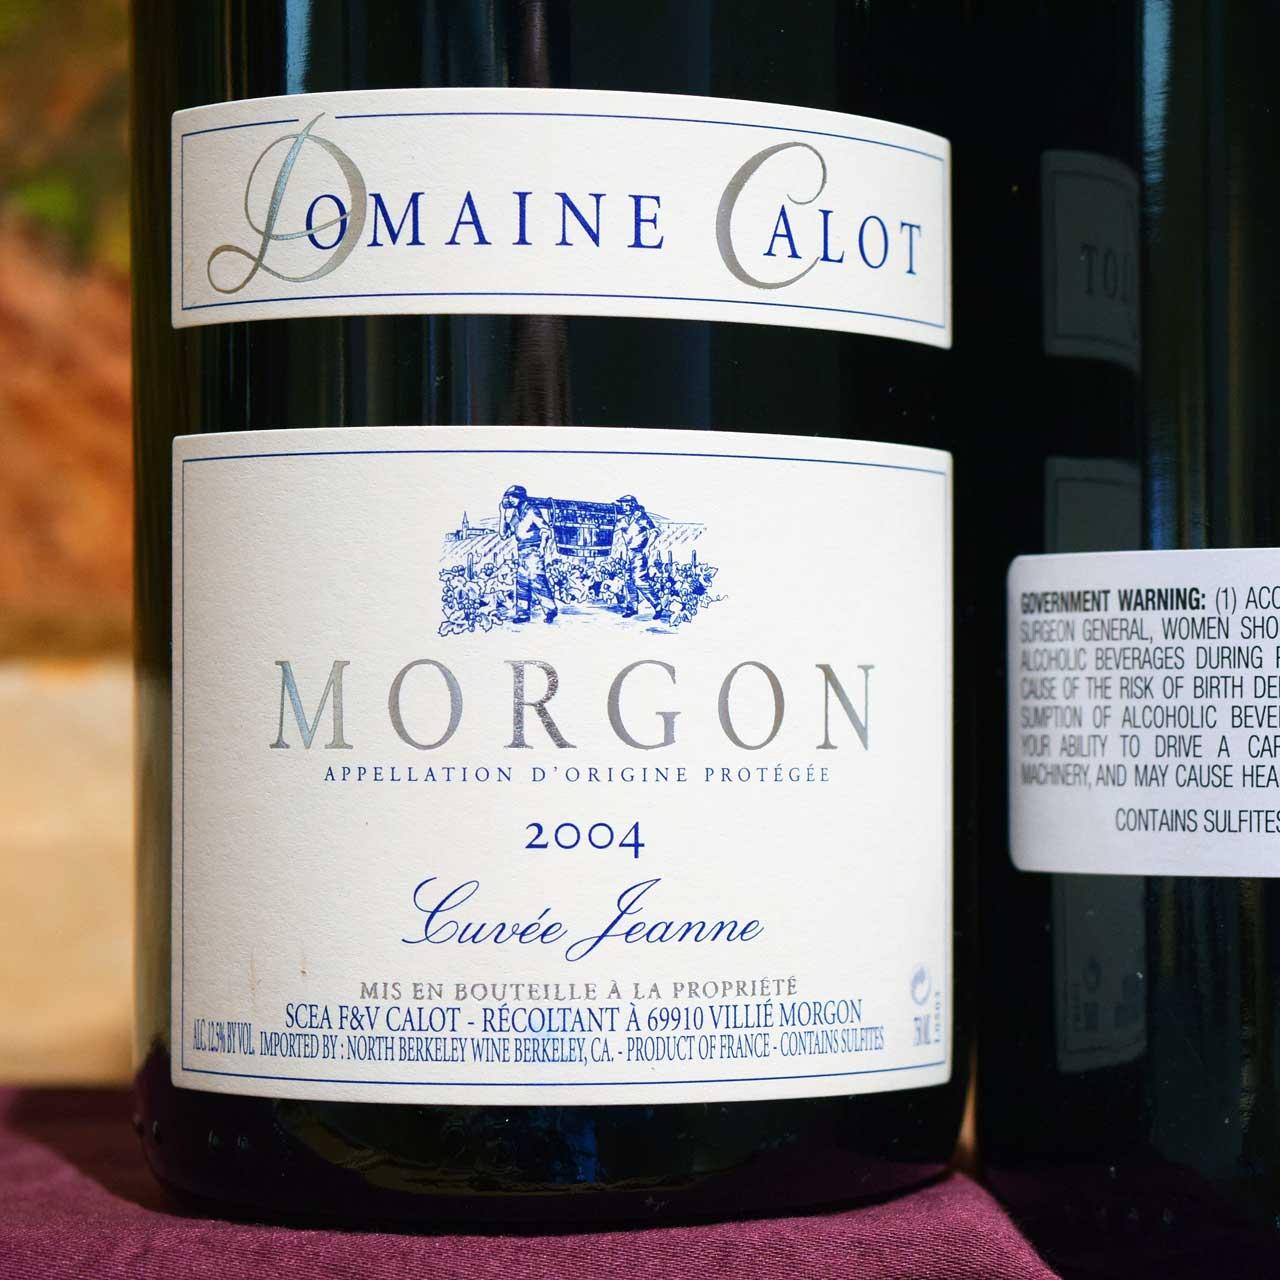 2004 Domaine Calot Morgon 'Cuvée Jeanne'